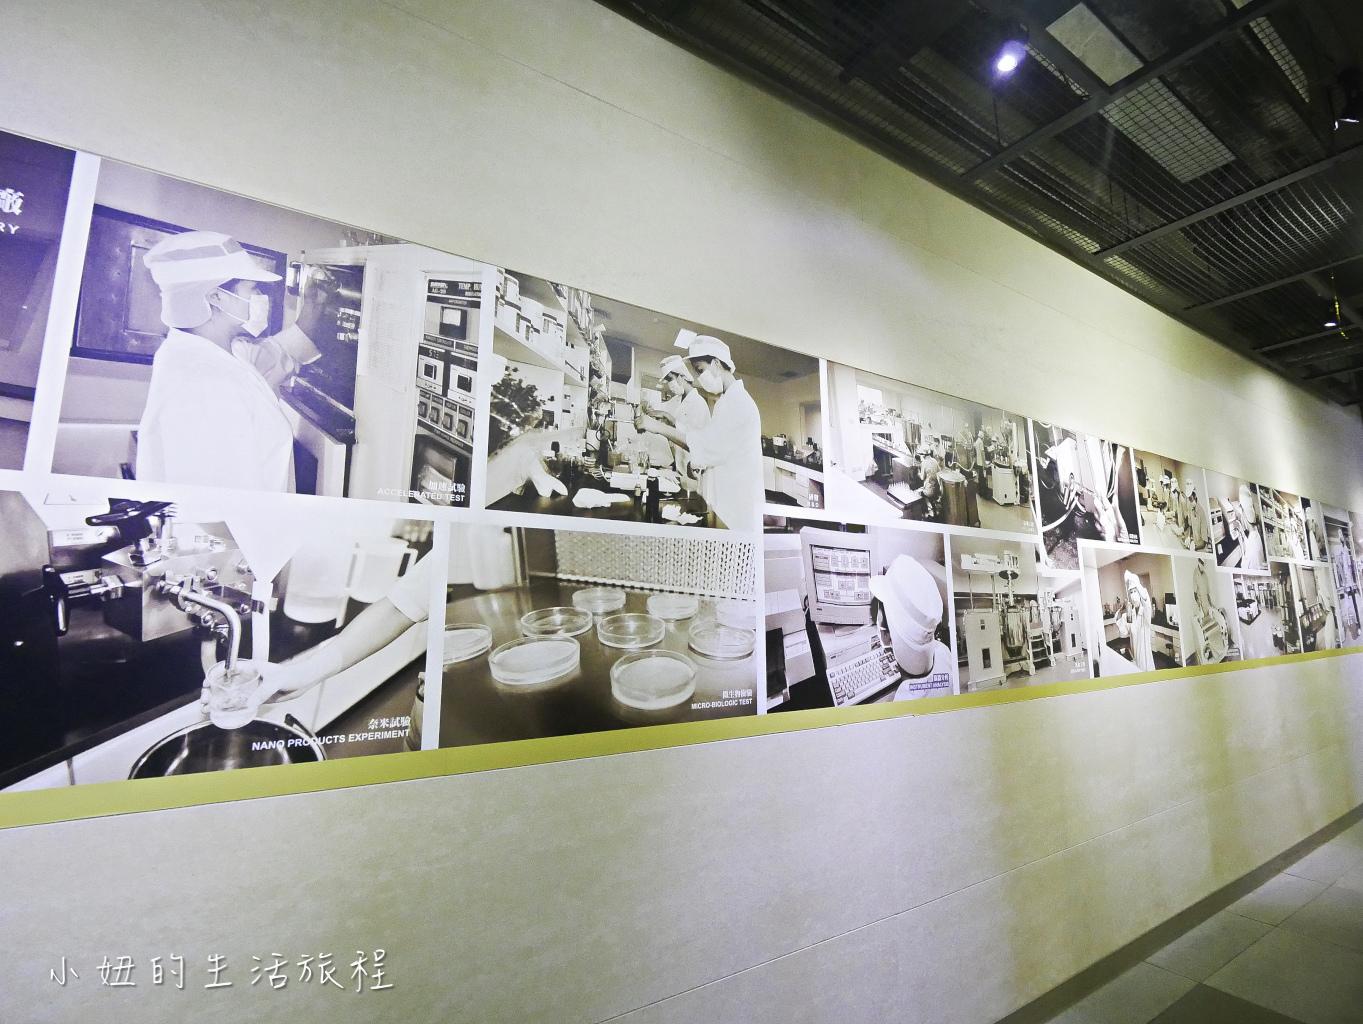 桃園楊梅雅聞魅力博物館-31.jpg